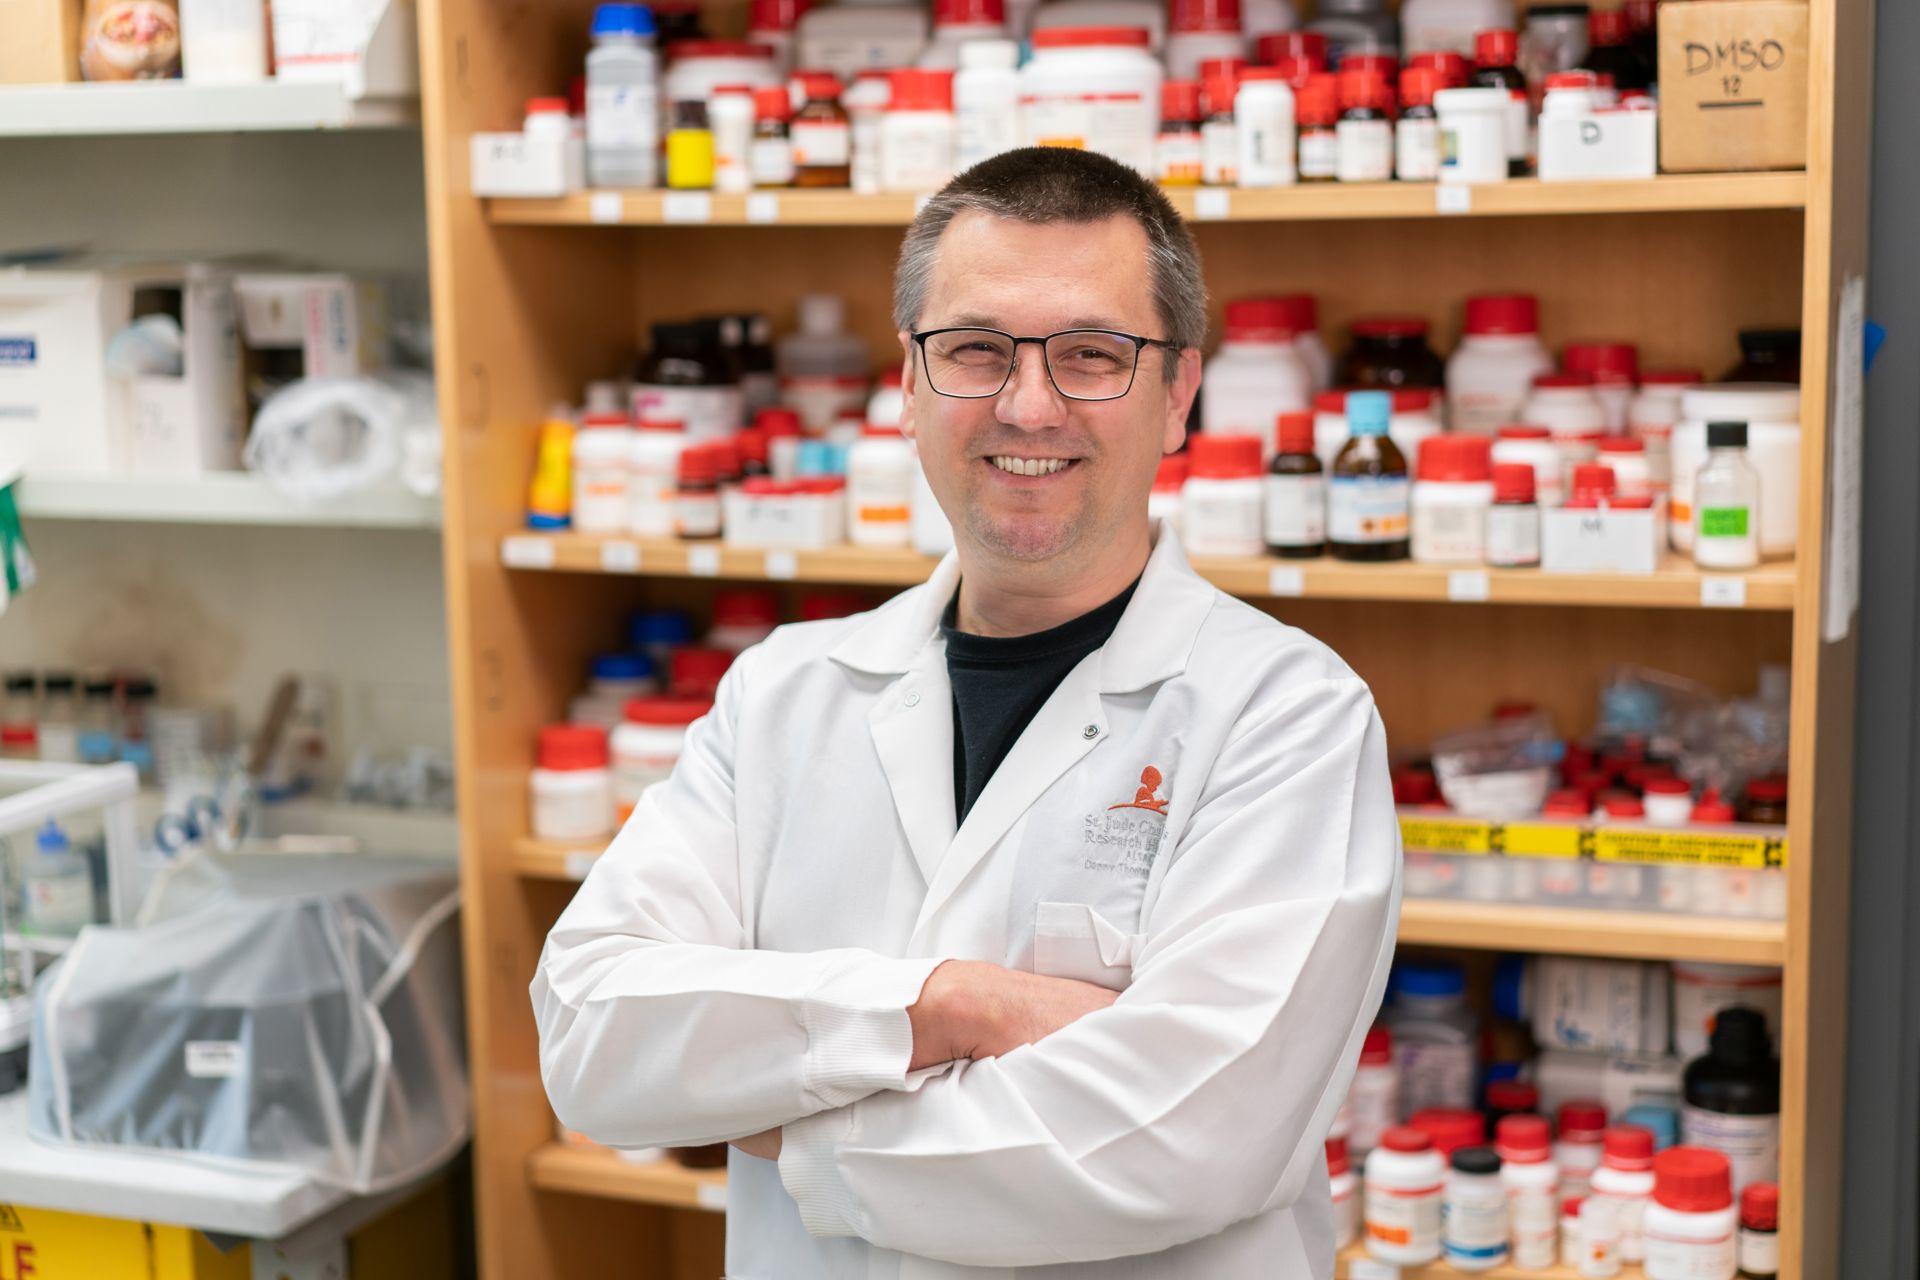 Marcin Kaminski, PhD